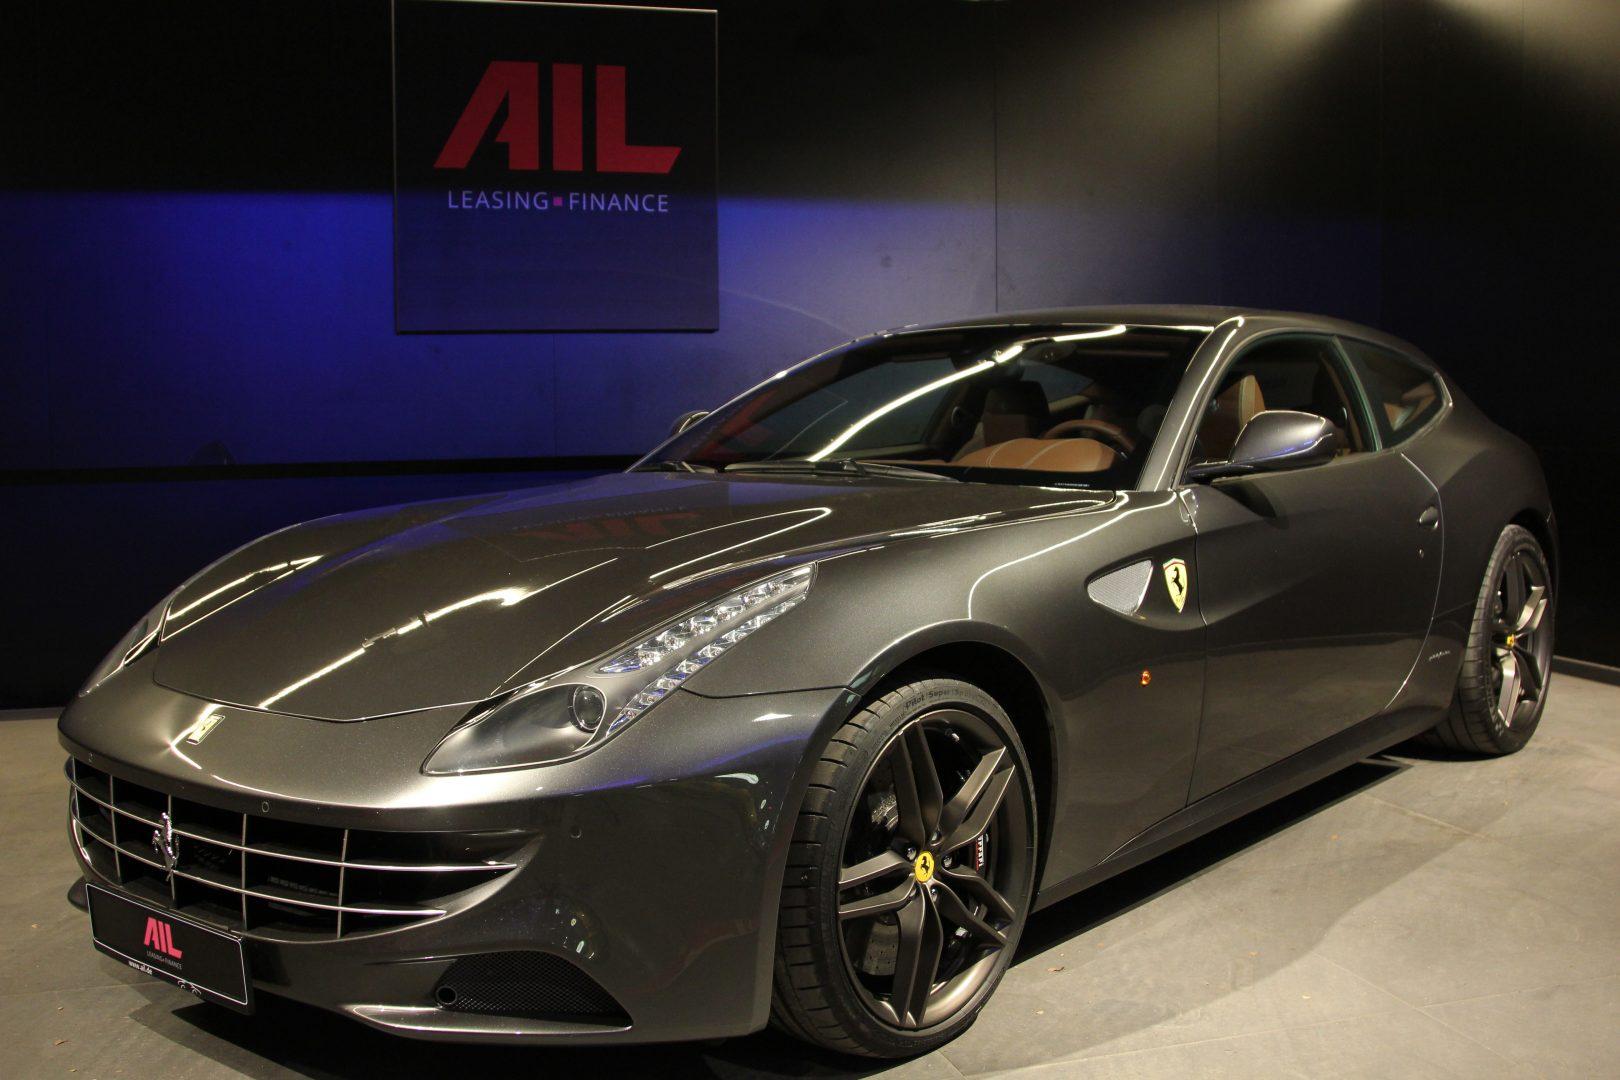 AIL Ferrari FF Grigio Silverstone 17